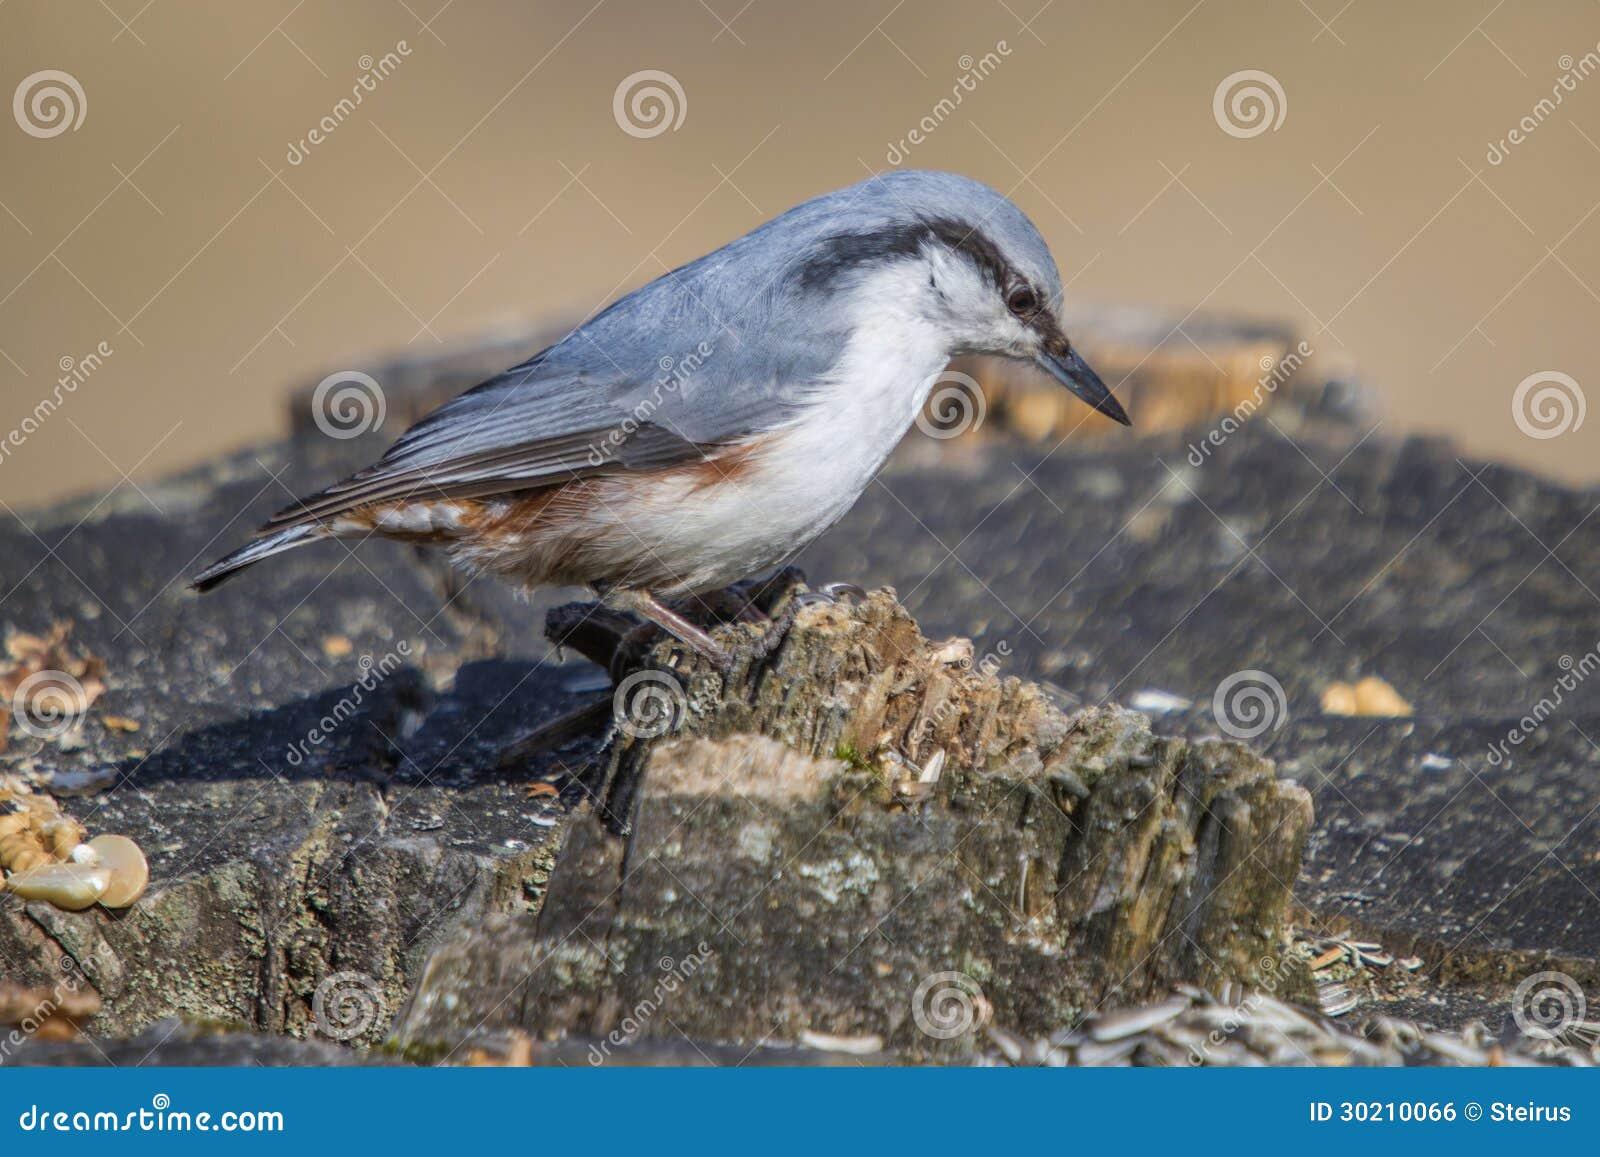 欧亚五子雀,五子雀类europaea